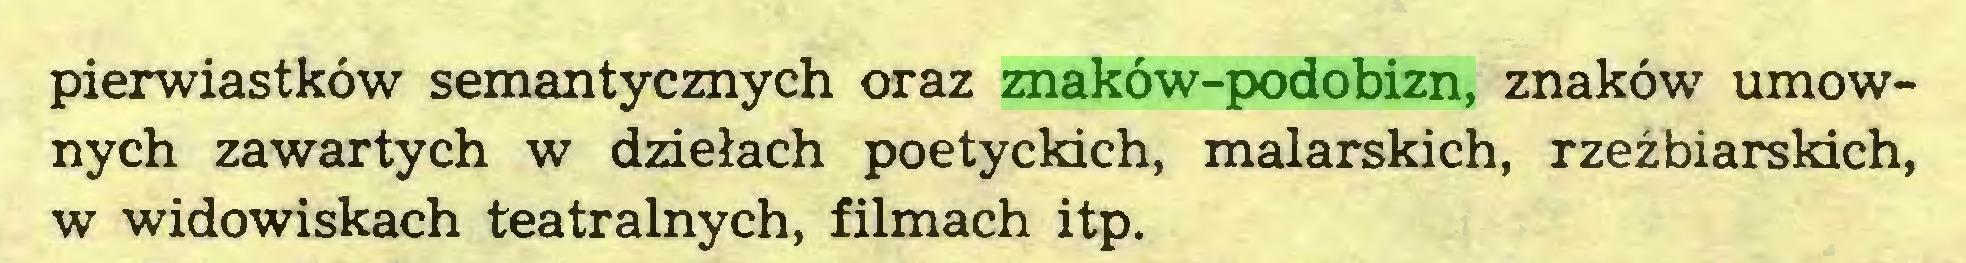 (...) pierwiastków semantycznych oraz znaków-podobizn, znaków umownych zawartych w dziełach poetyckich, malarskich, rzeźbiarskich, w widowiskach teatralnych, filmach itp...